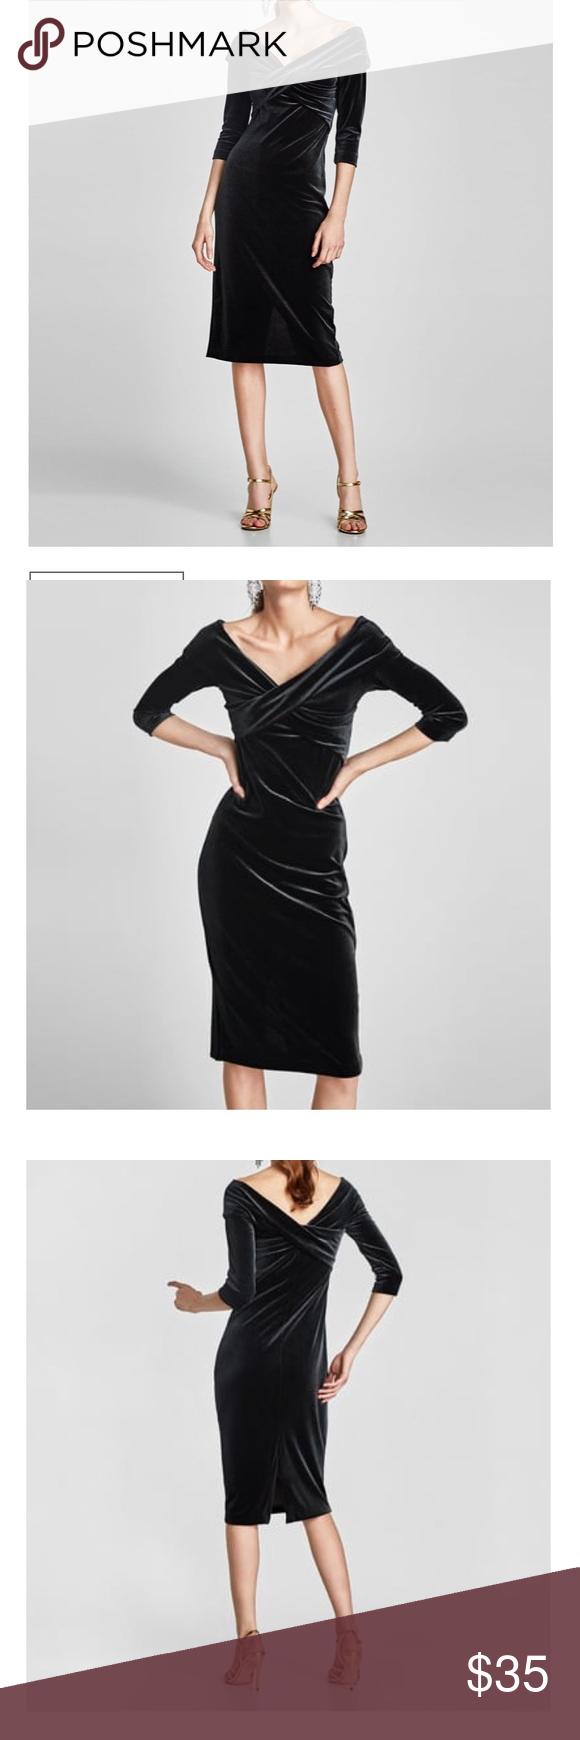 59e06785 Zara Velvet Tube Dress Velvet tube dress with crossover neckline and slit  in the back Zara Dresses Midi